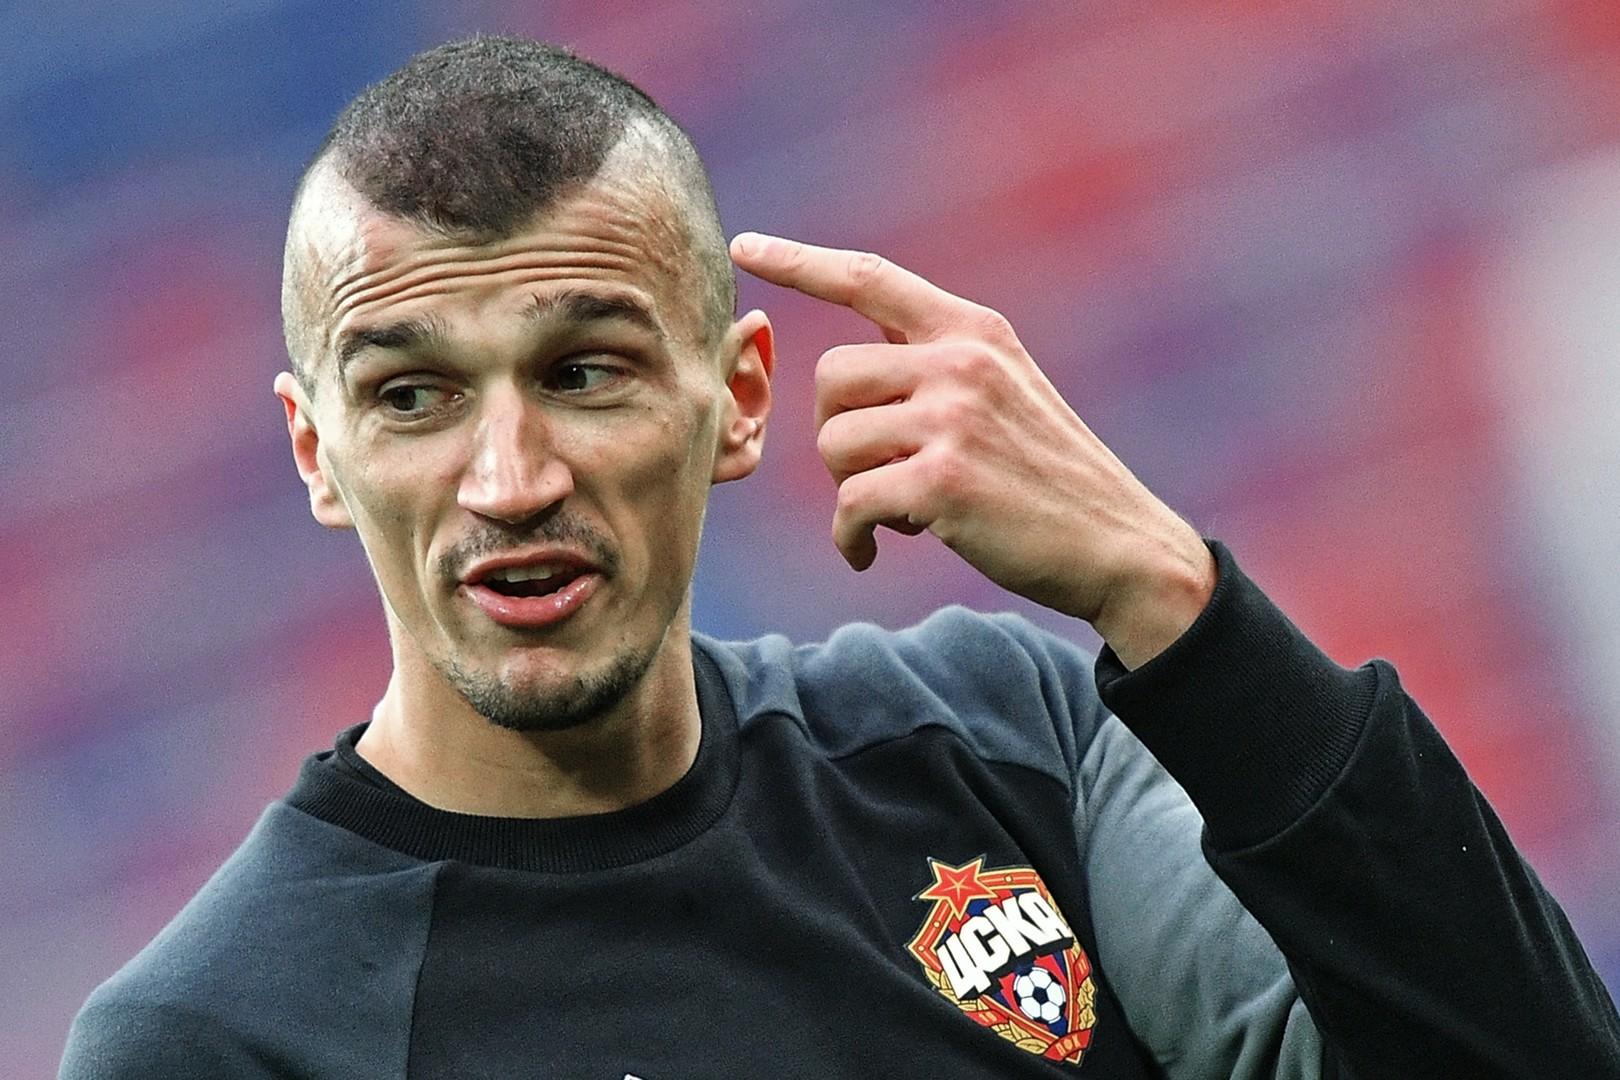 По уши в снегу: игрока ЦСКА Ерёменко дисквалифицировали на два года за наркотики